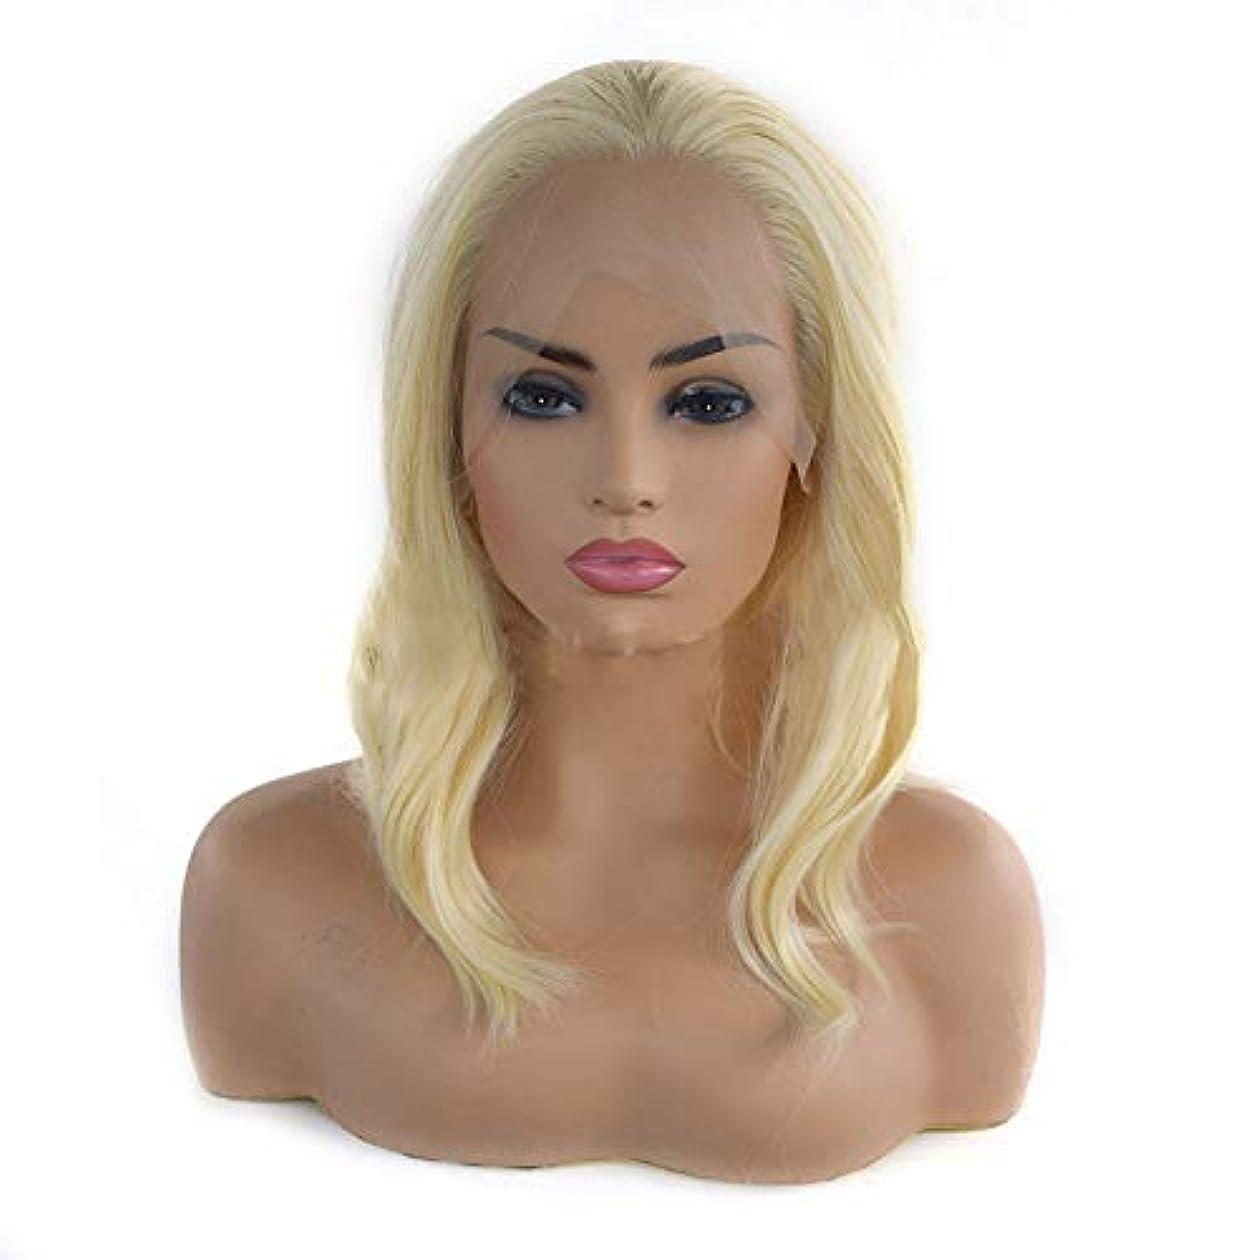 冷蔵庫入るマラドロイトYOUQIU ショートカーリーウィッグ魅力的な女性のボブのある女性コスプレパーティー毎日使用するためウィッグキャップ(ブロンド)ウィッグ (色 : Blonde)